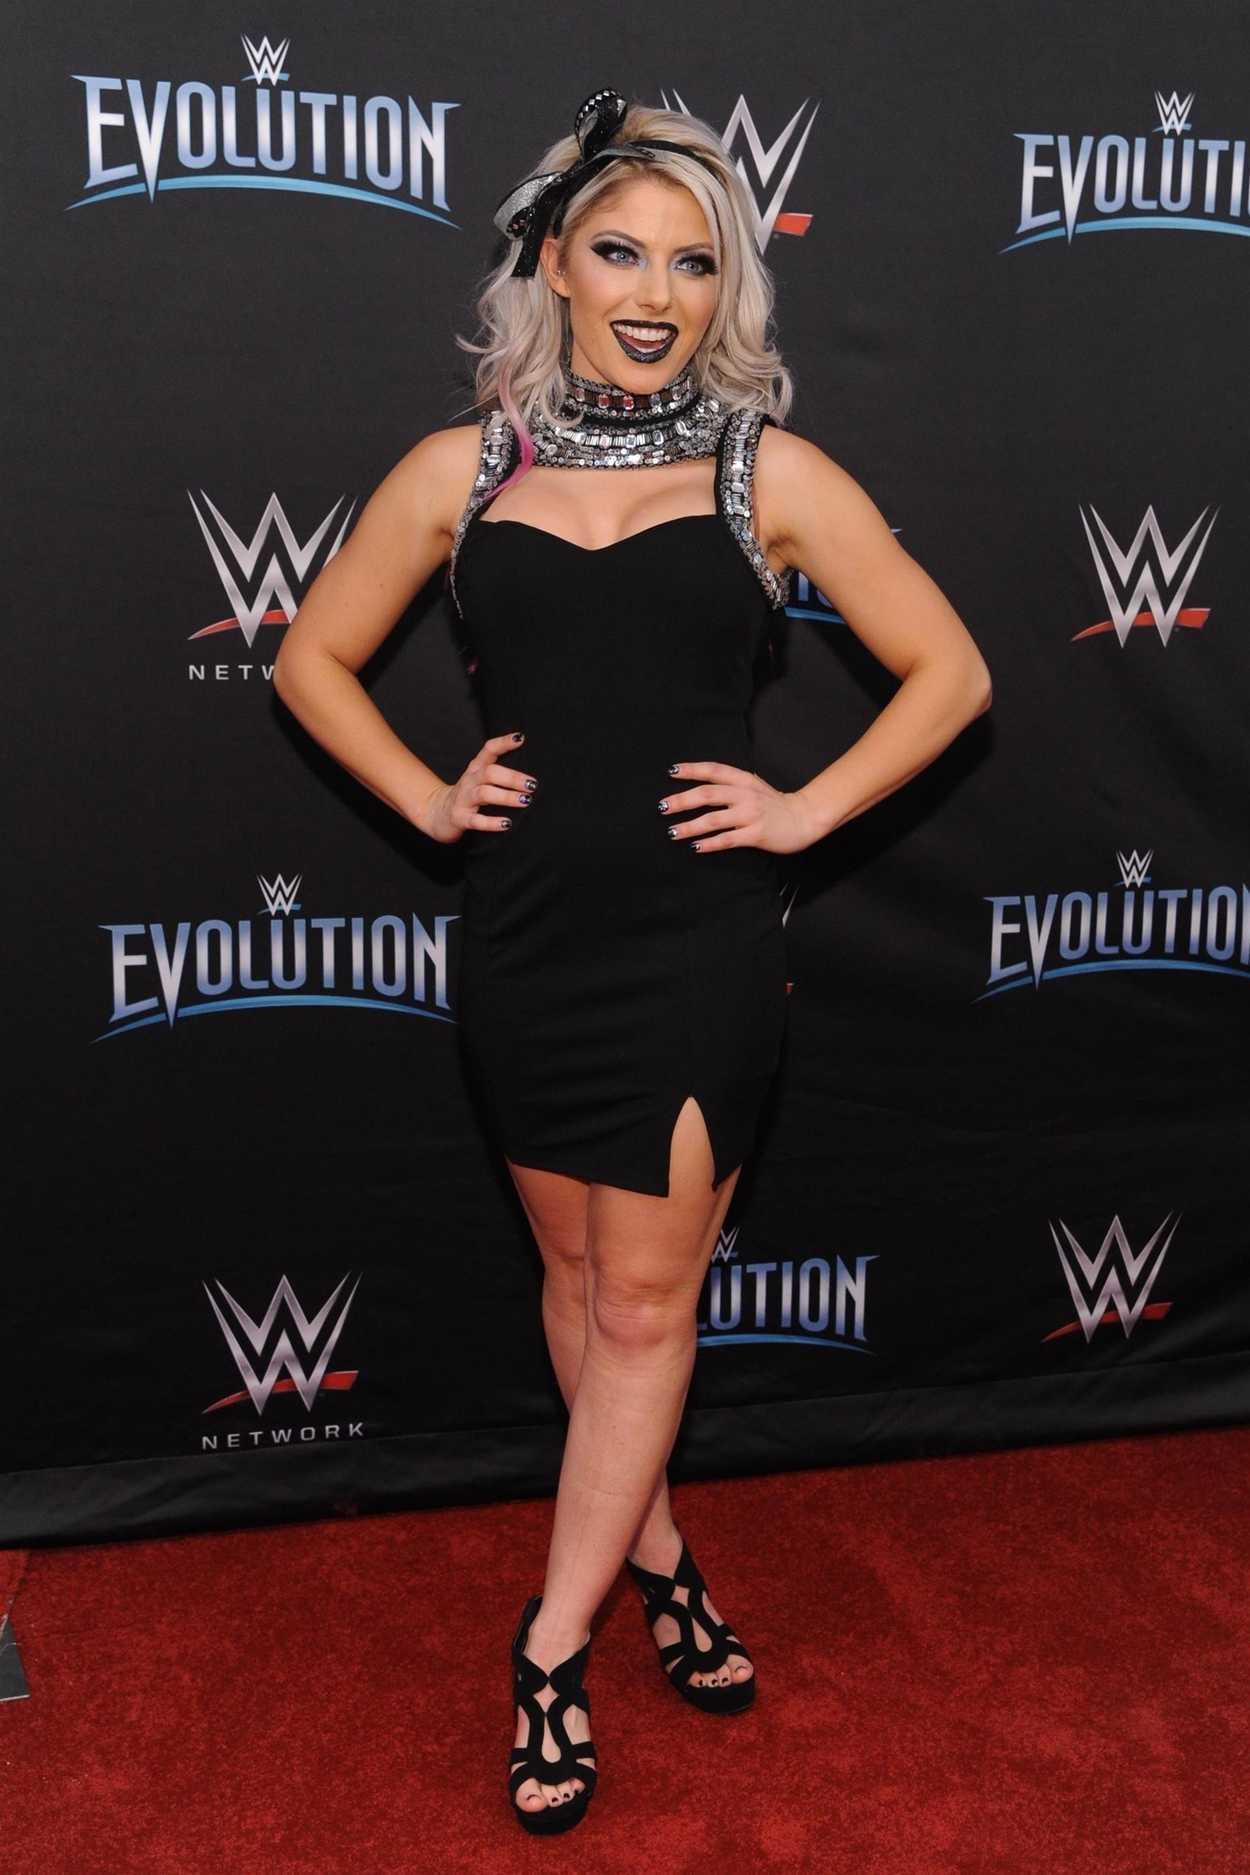 Alexa Bliss Attends Wwe S First Ever All Women S Event